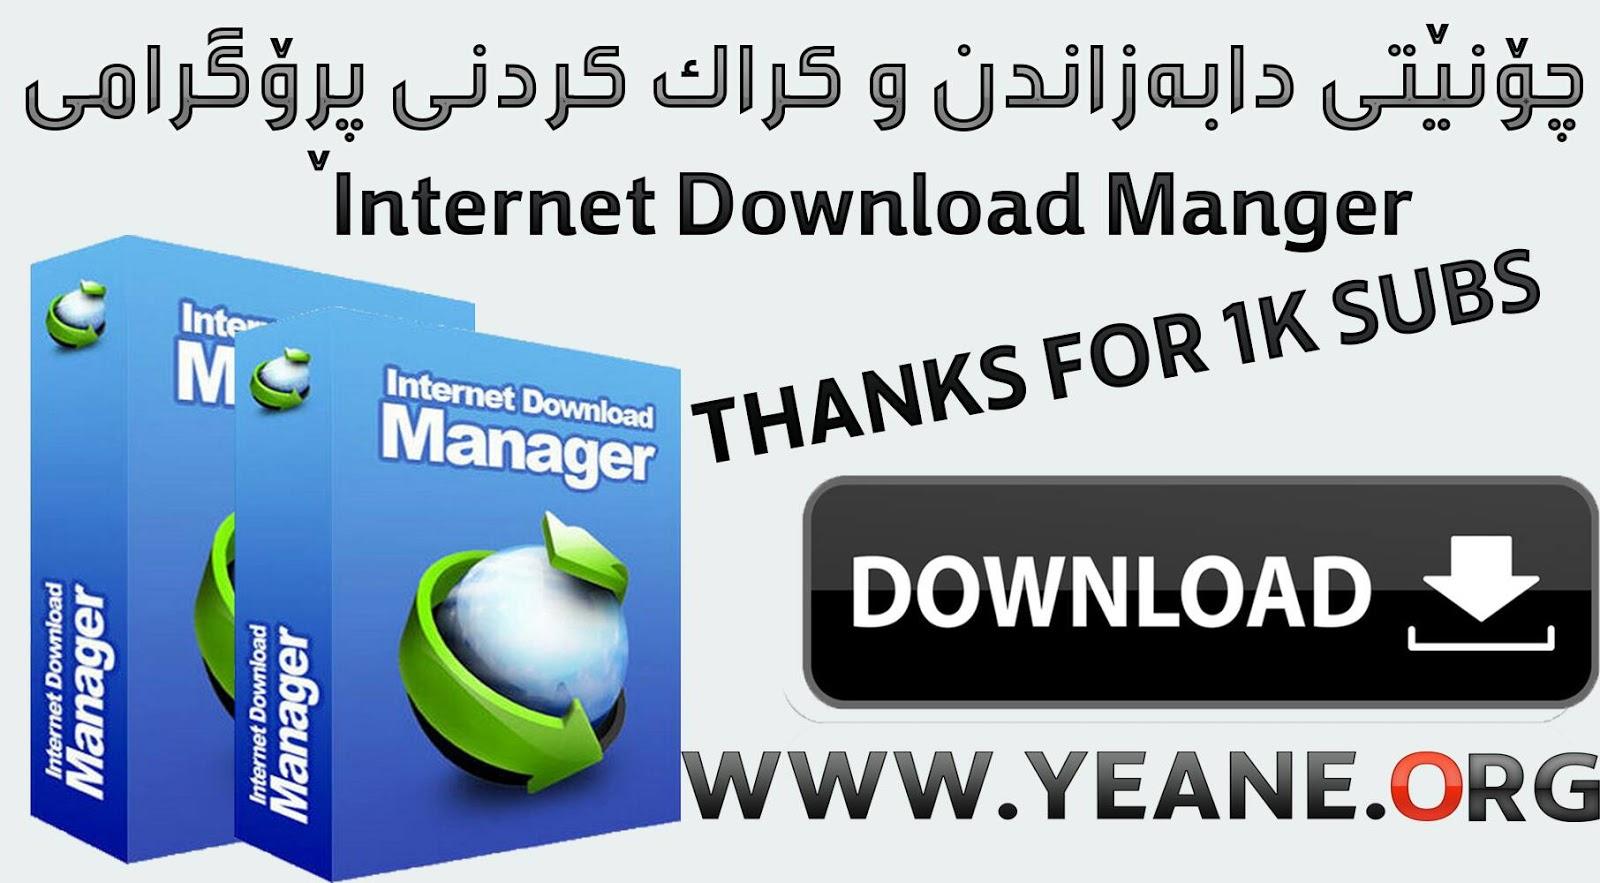 فێركاری | چۆنیتی داونلۆد کردن و کراک  کردنی بەرنامەی Internet Download Manager